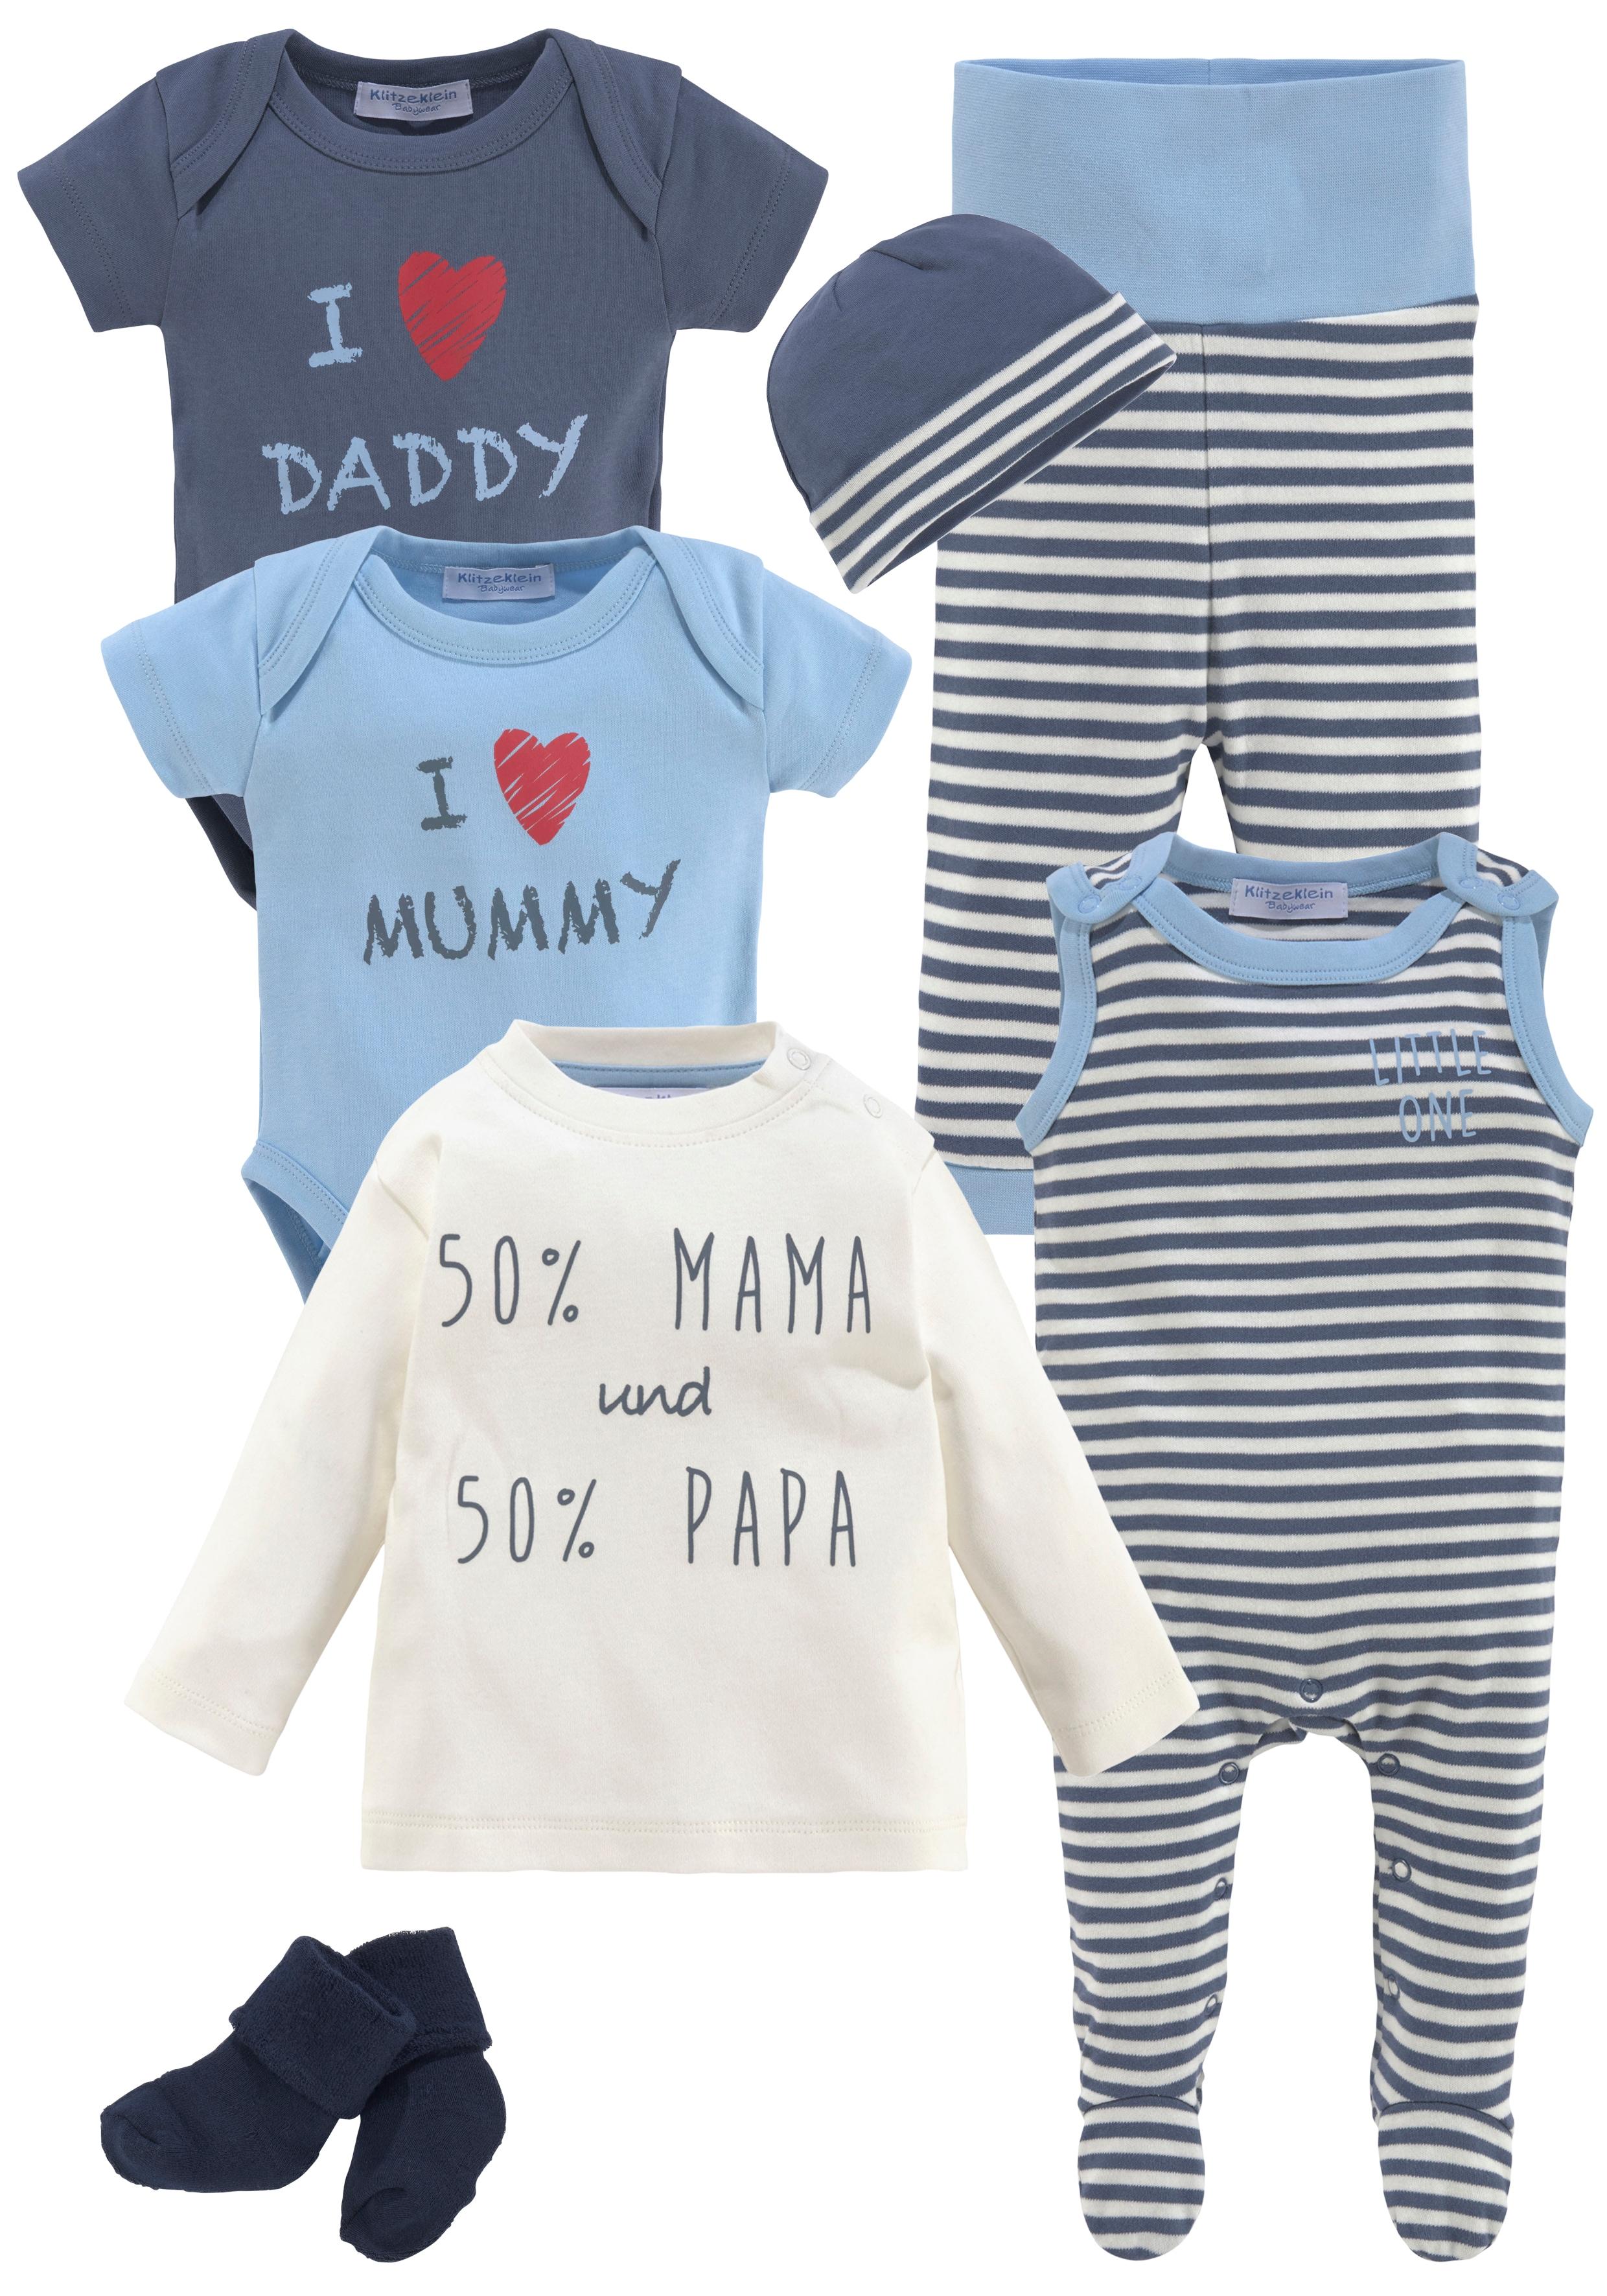 Klitzeklein Neugeborenen-Geschenkset, aus Bio-Baumwolle blau Baby Babykleidung Neugeborenen-Geschenkset